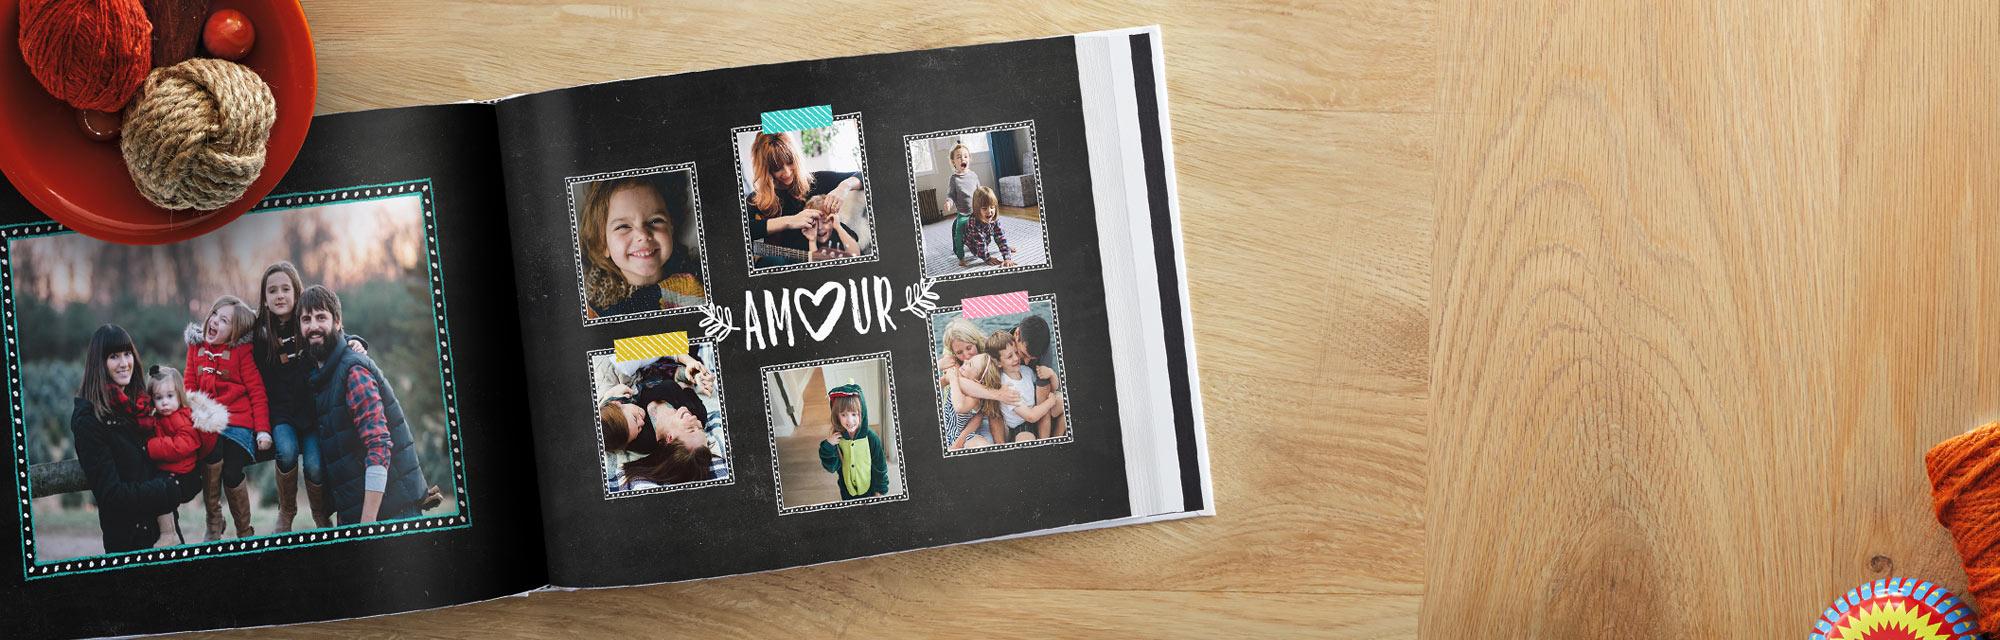 Livres Photo personnalisés : Choisissez un de nos modèles et sélectionnez remplissage automatique pour ajouter vos photos.